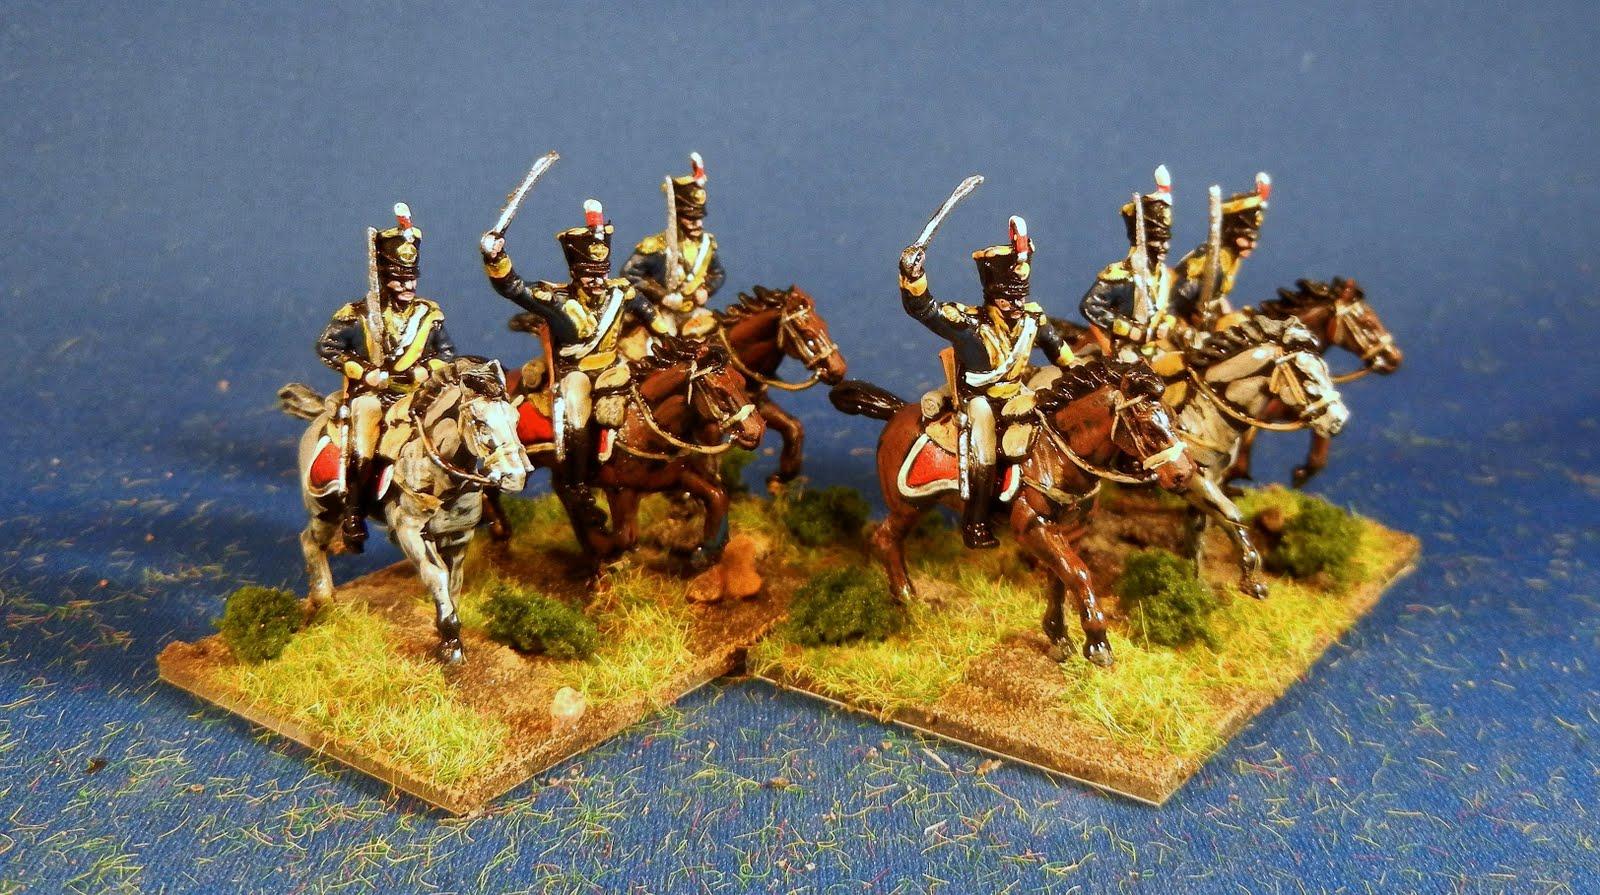 Bob S Miniature Wargaming Blog War Of British Mounted